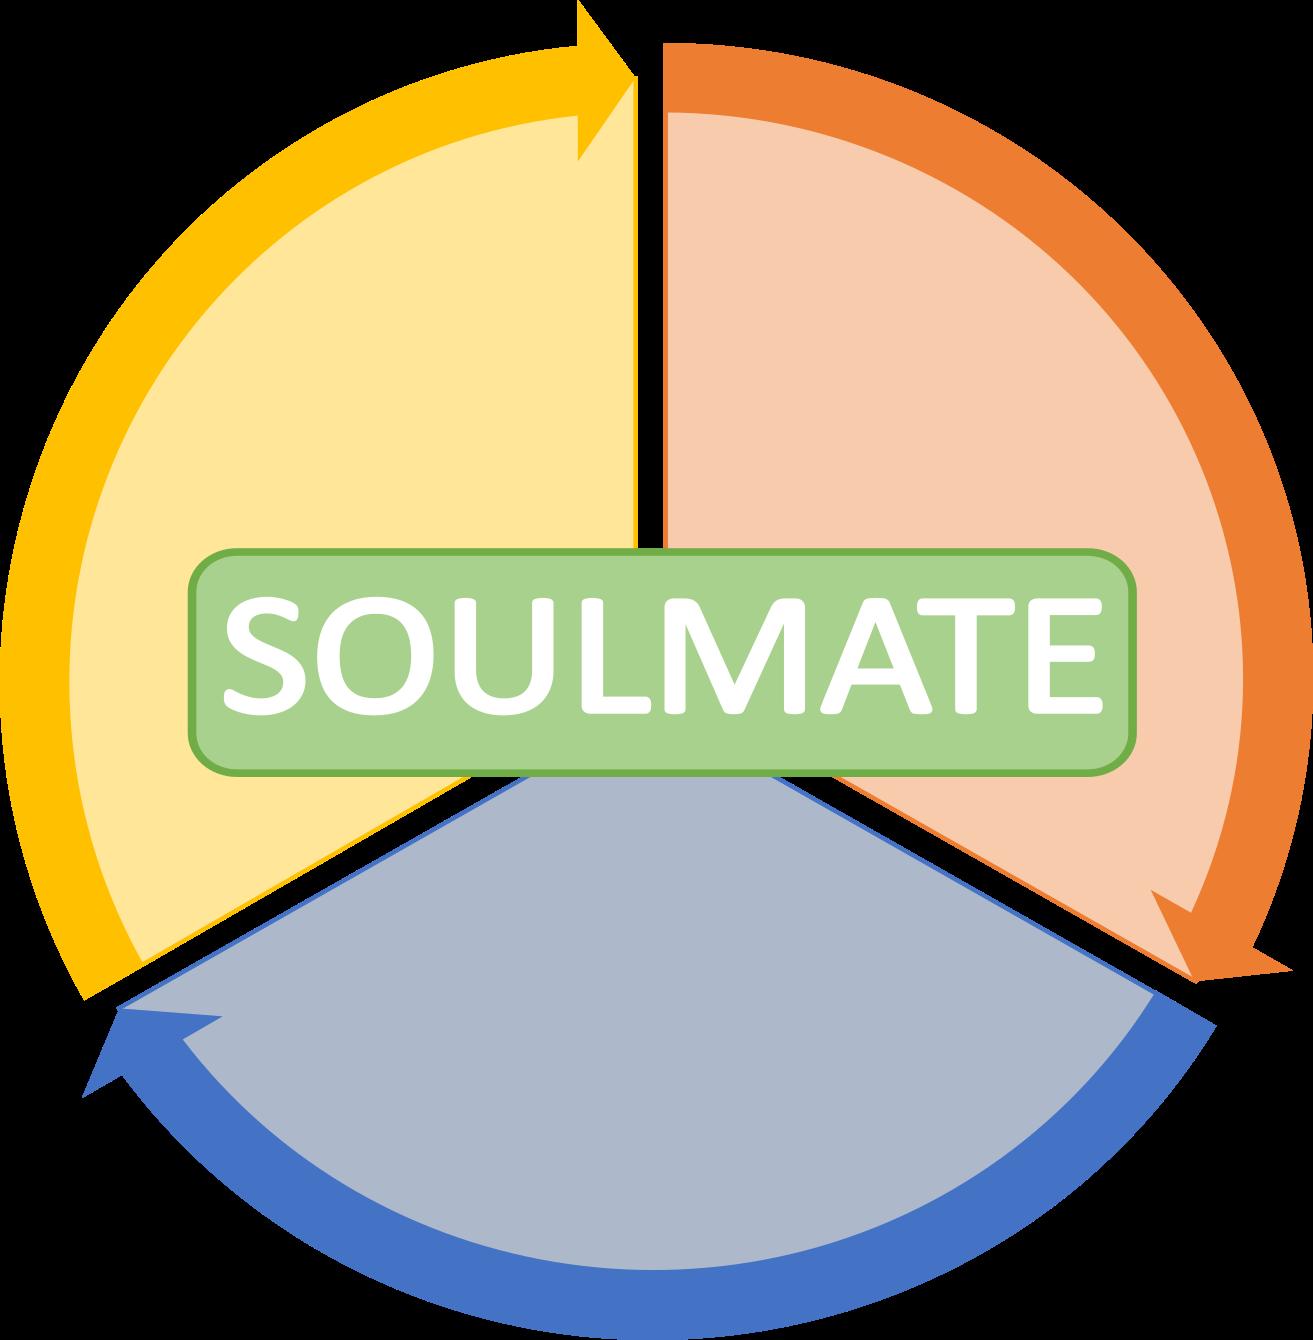 Soulmate logo